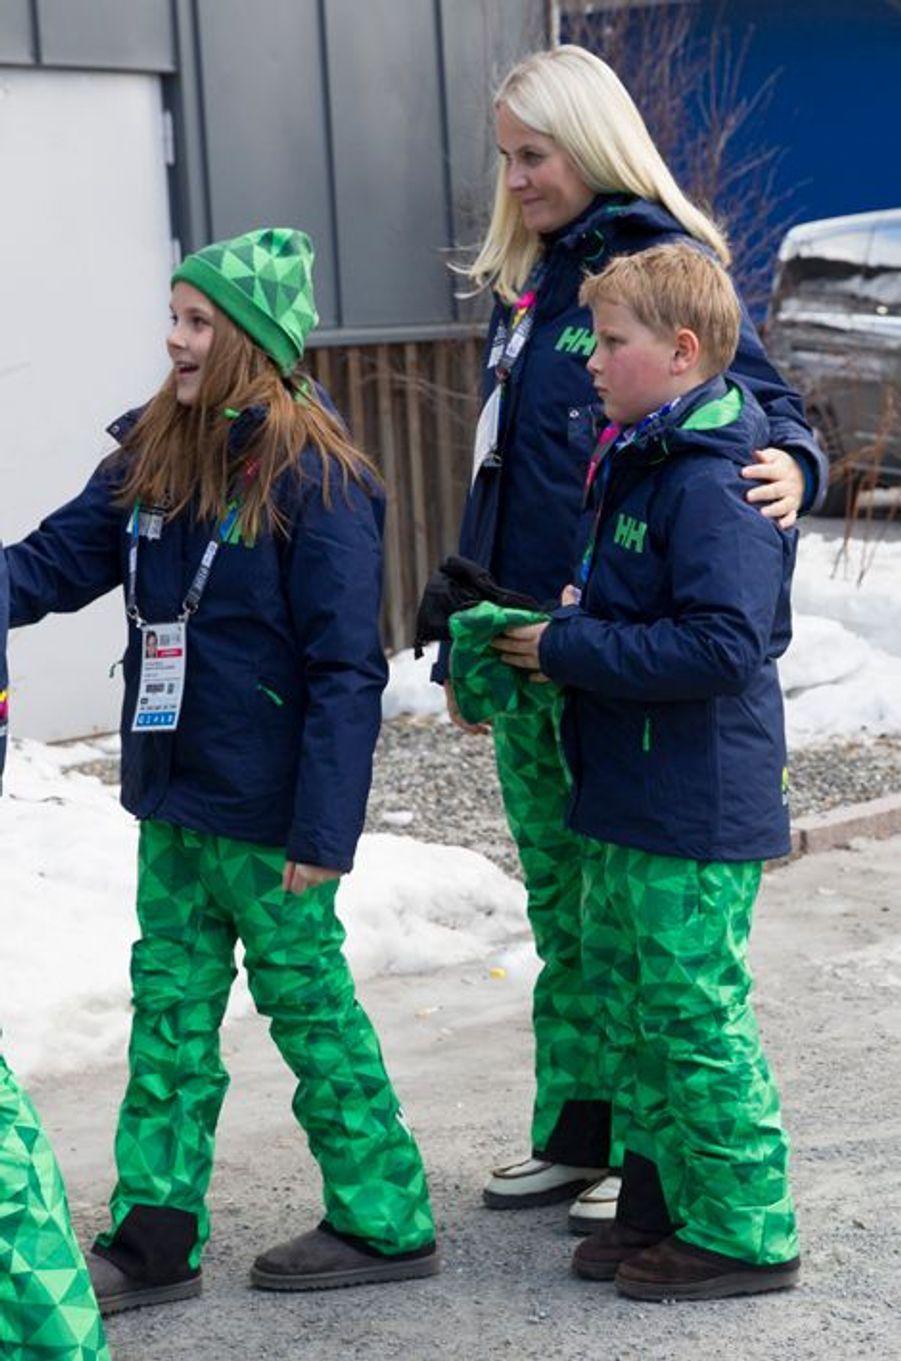 Les princesses Mette-Marit et Ingrid Alexandra et le prince Sverre Magnus de Norvège aux JOJ à Lillehammer, le 12 février 2016